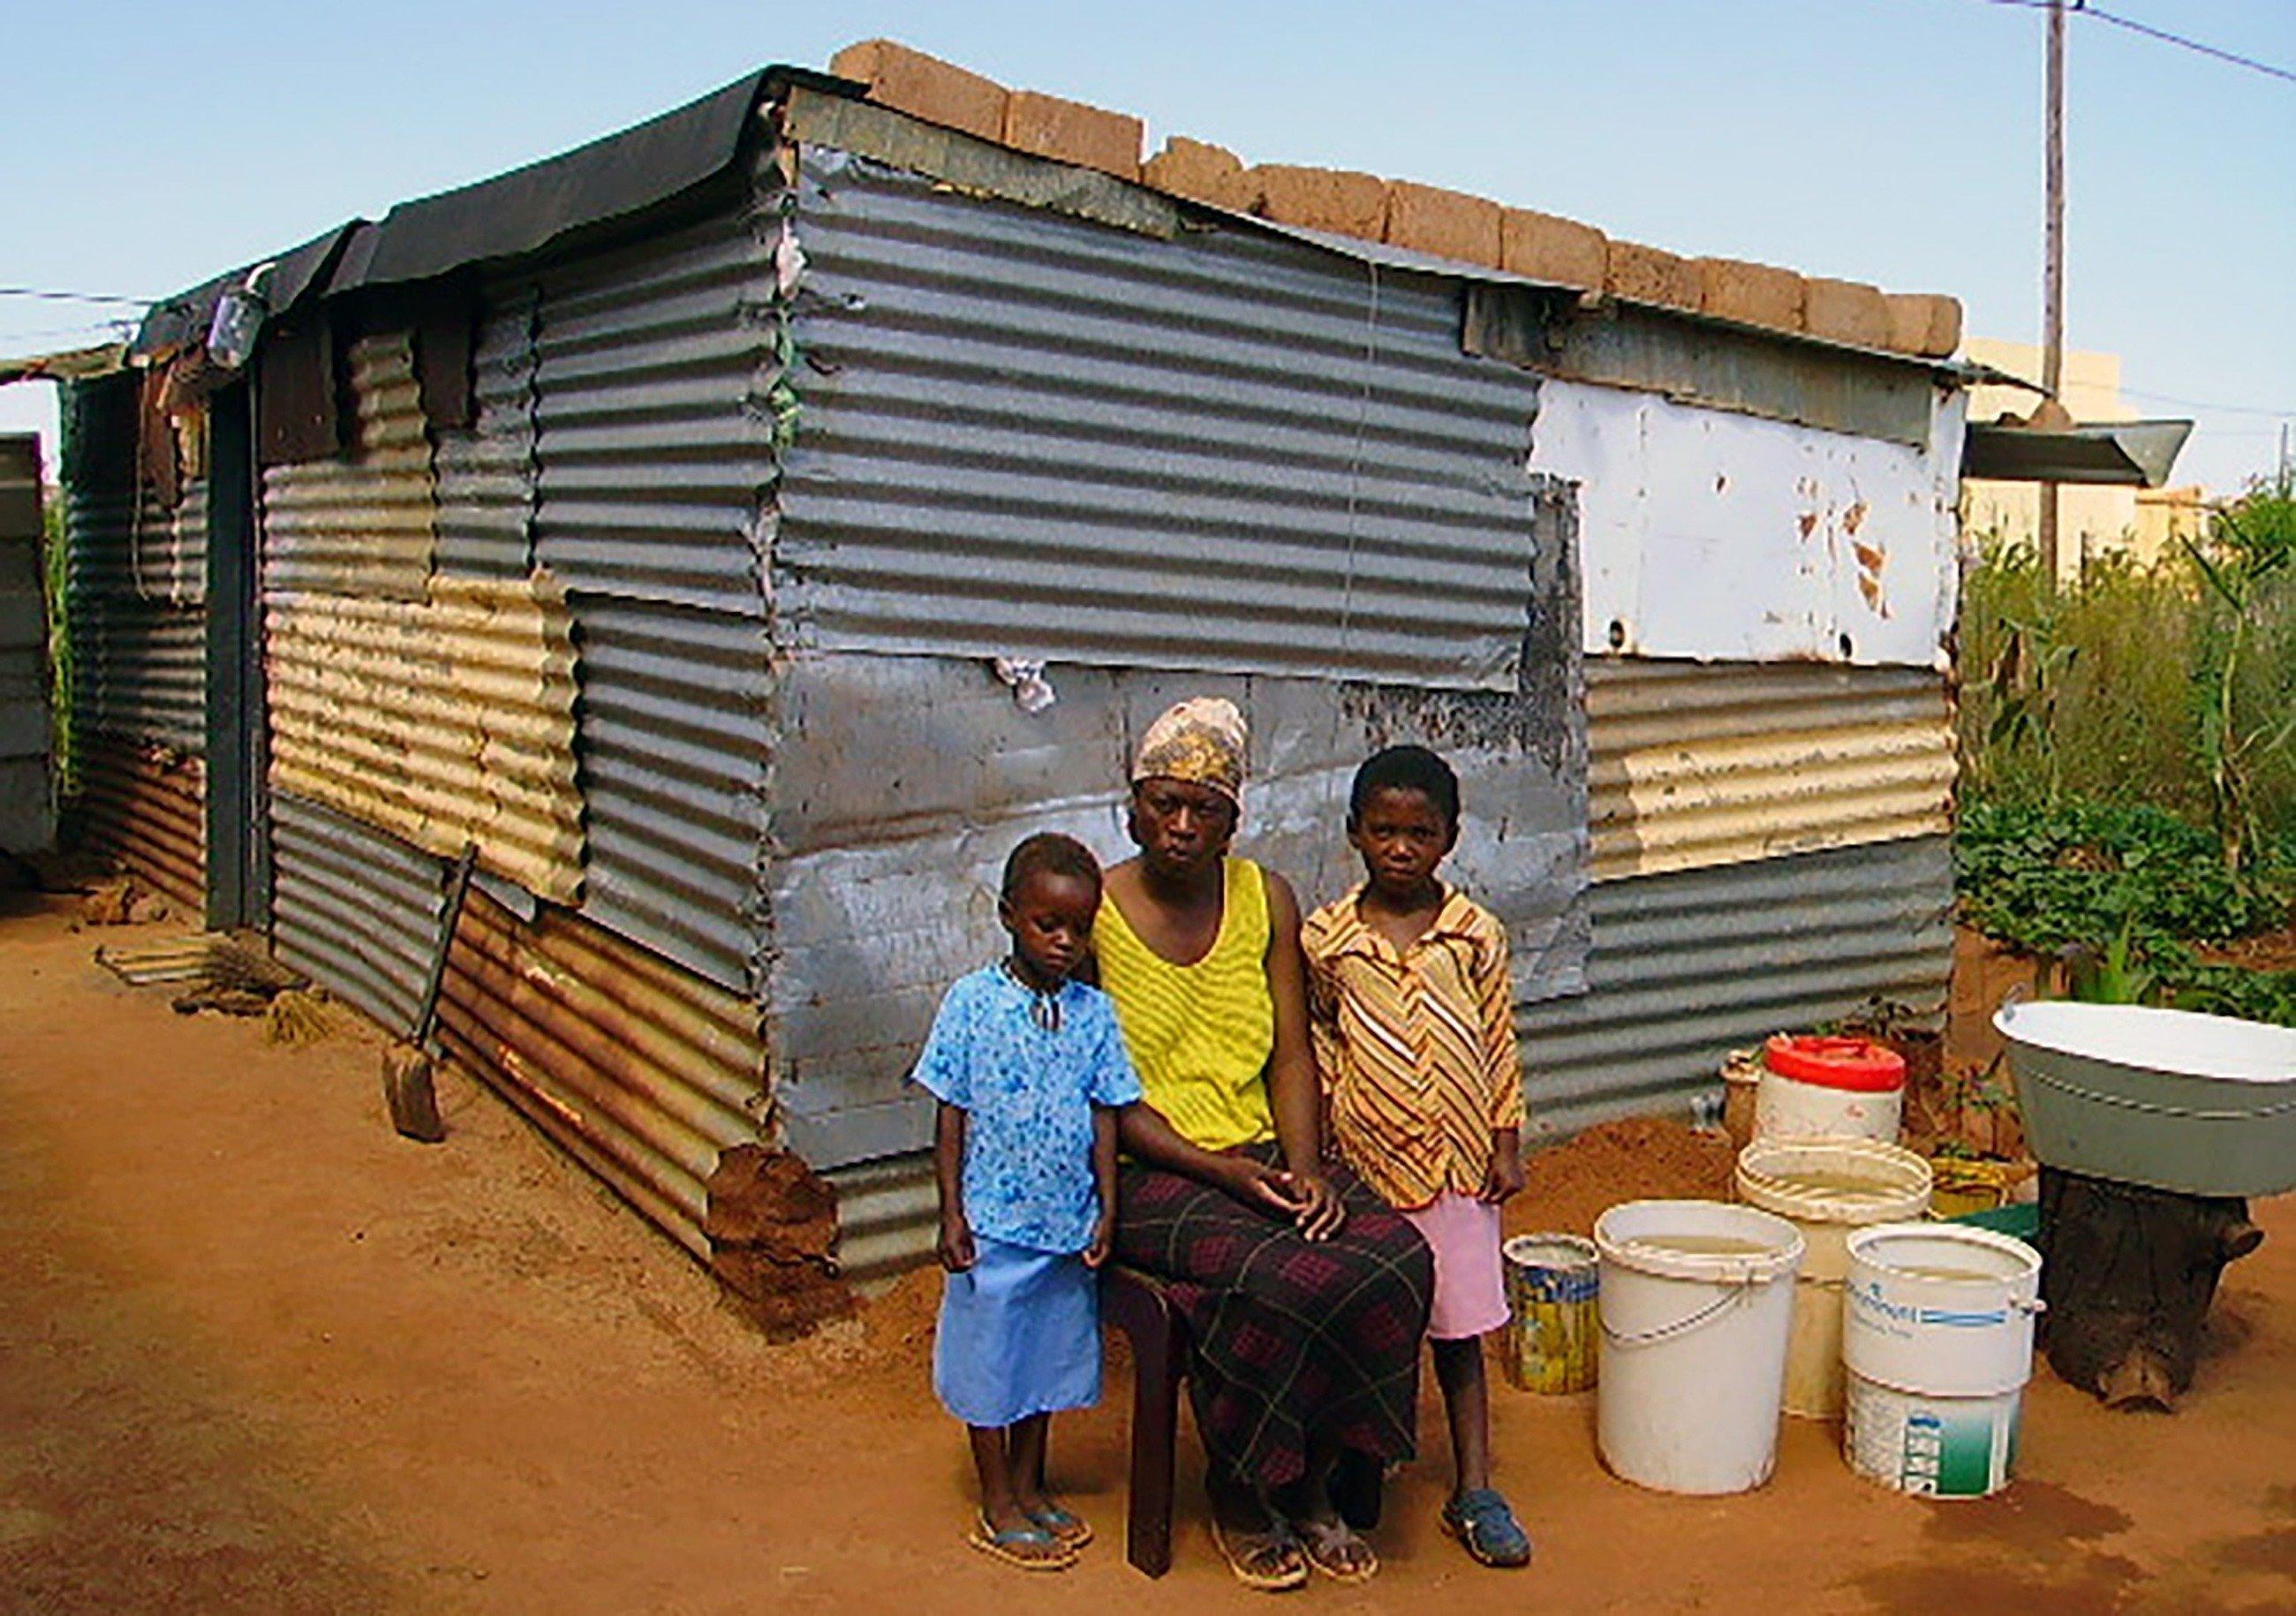 Familie vor ihrem Wellblech-Haus.